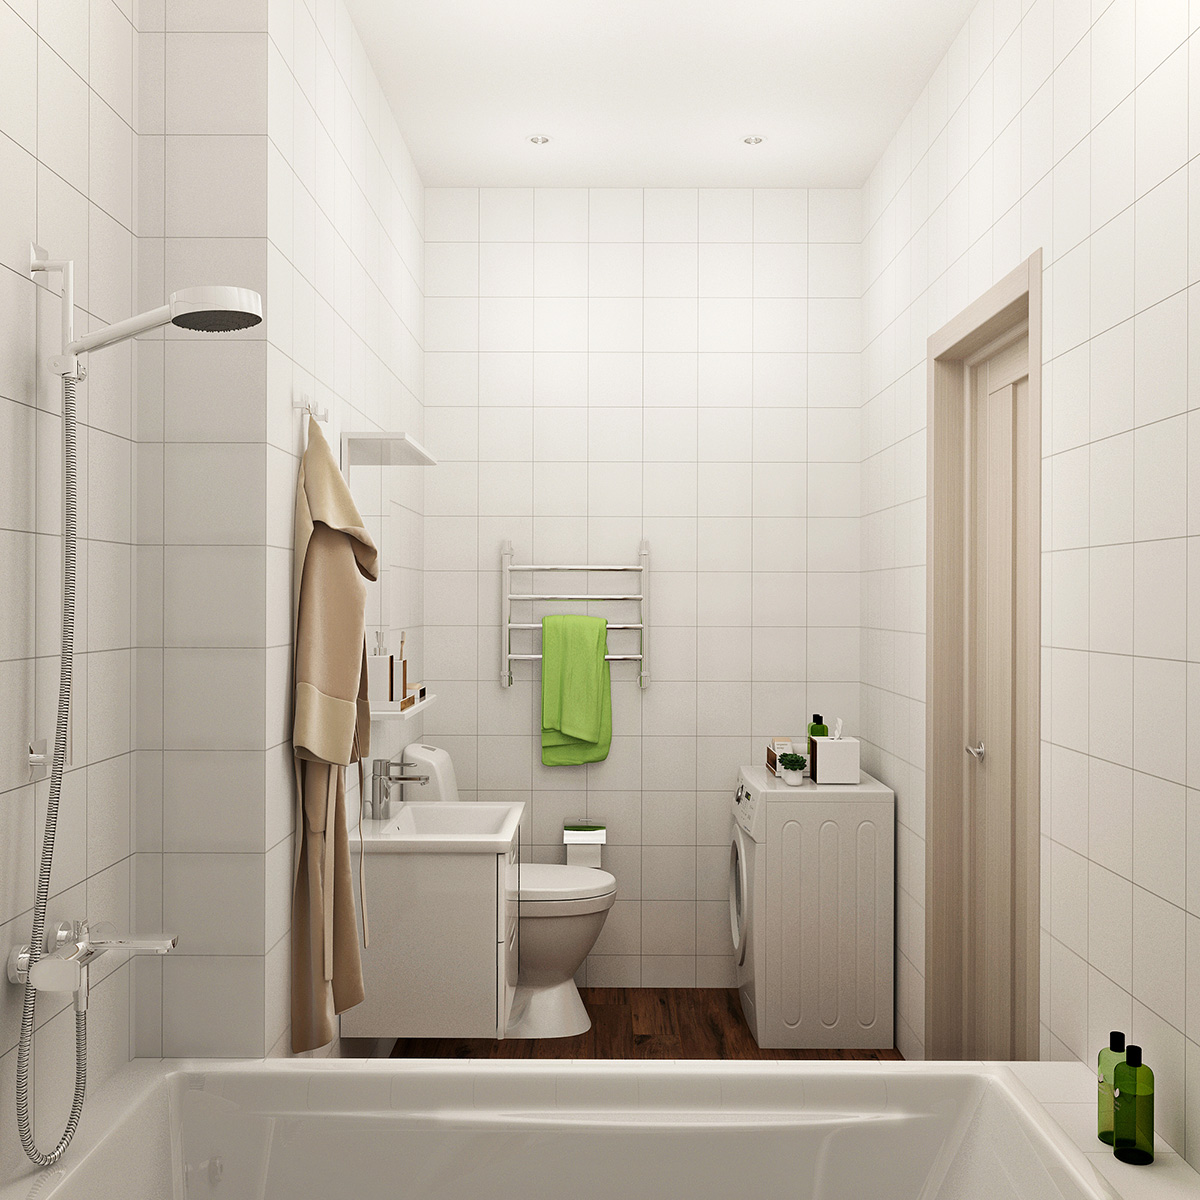 Удобный, современный стильный дизайн проект квартиры на площади 40м2 в ЖК Скай Сколково от студии дизайна GM-Interior.